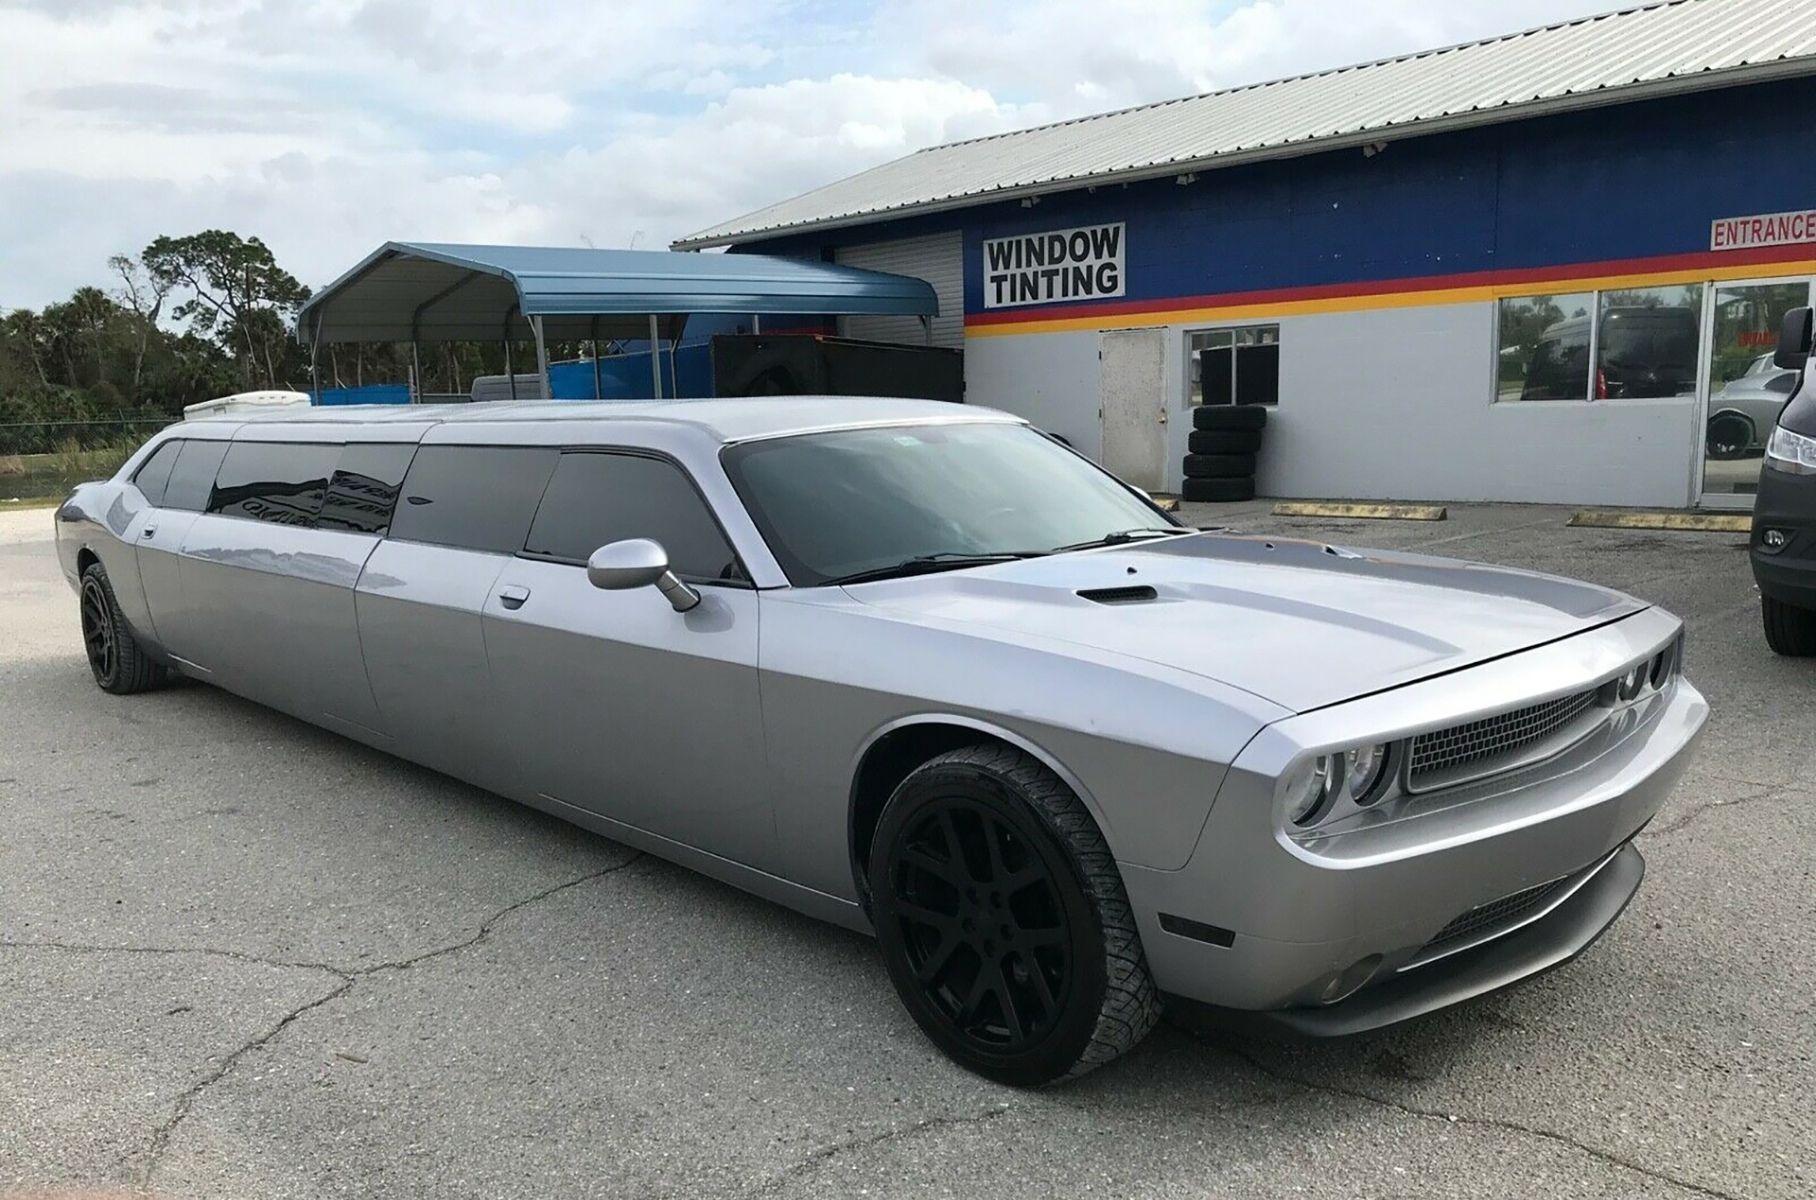 Посмотрите на лимузин Dodge Challenger с дверями в стиле «крыло чайки» Новости